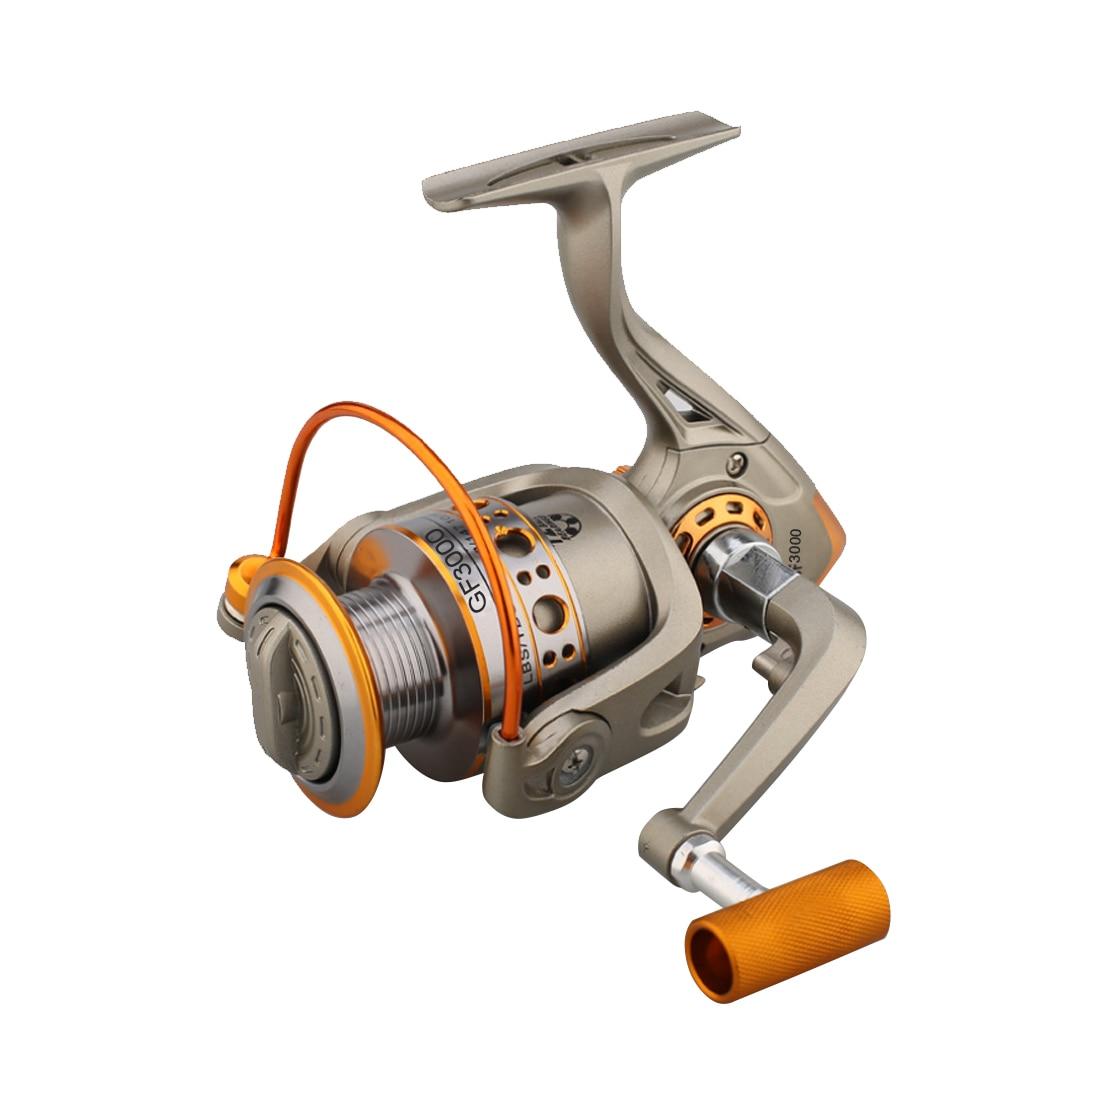 Nuevo diseño, Nunca se rompe 5,2 1 bote de pesca de Metal de aluminio, carrete de pesca, carretes de pesca